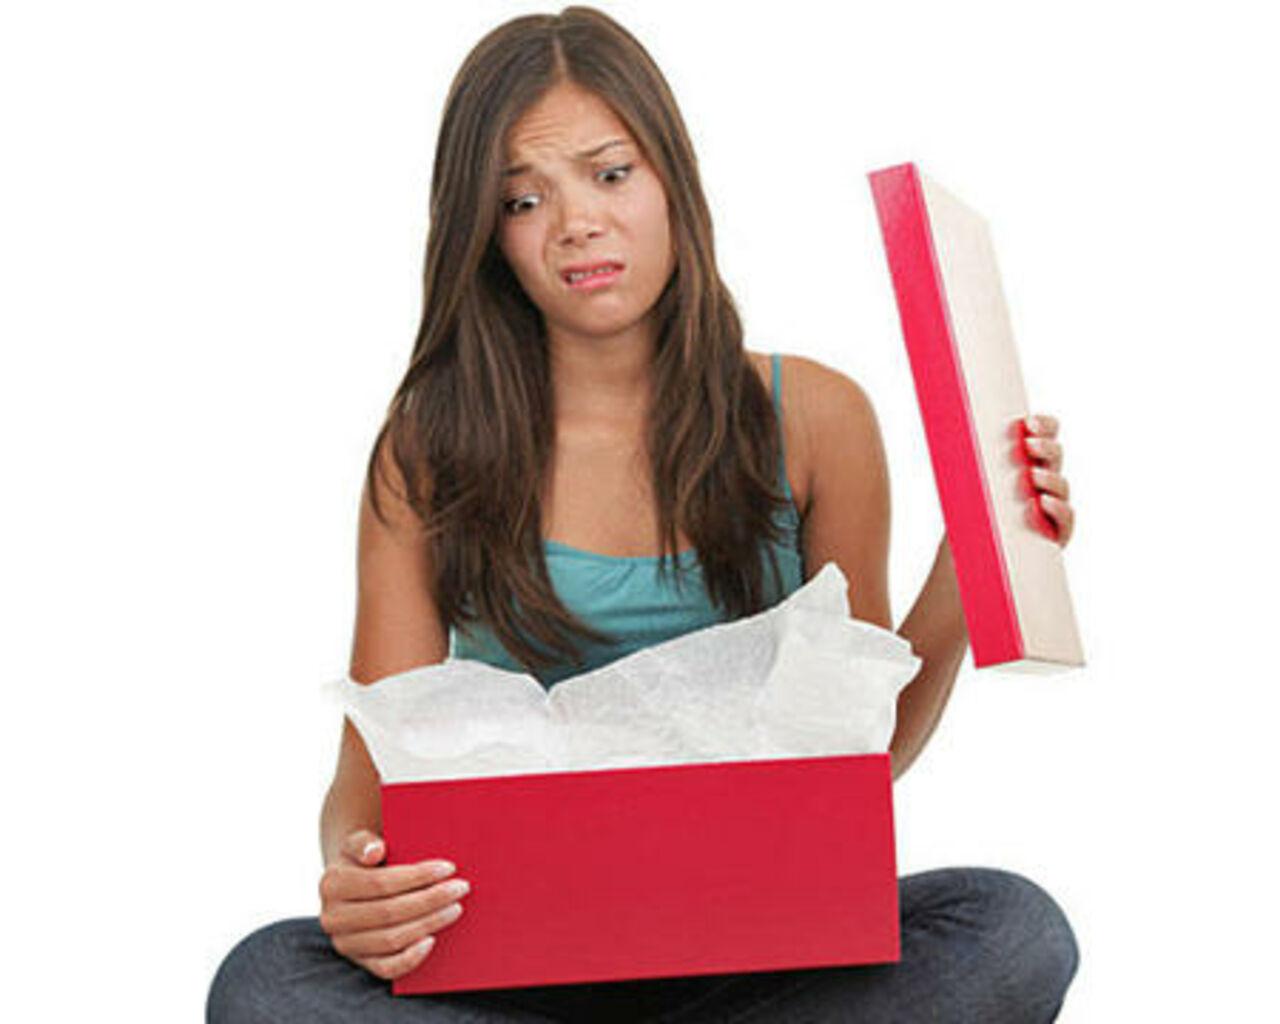 Подарки которые нельзя дарить девушке 54